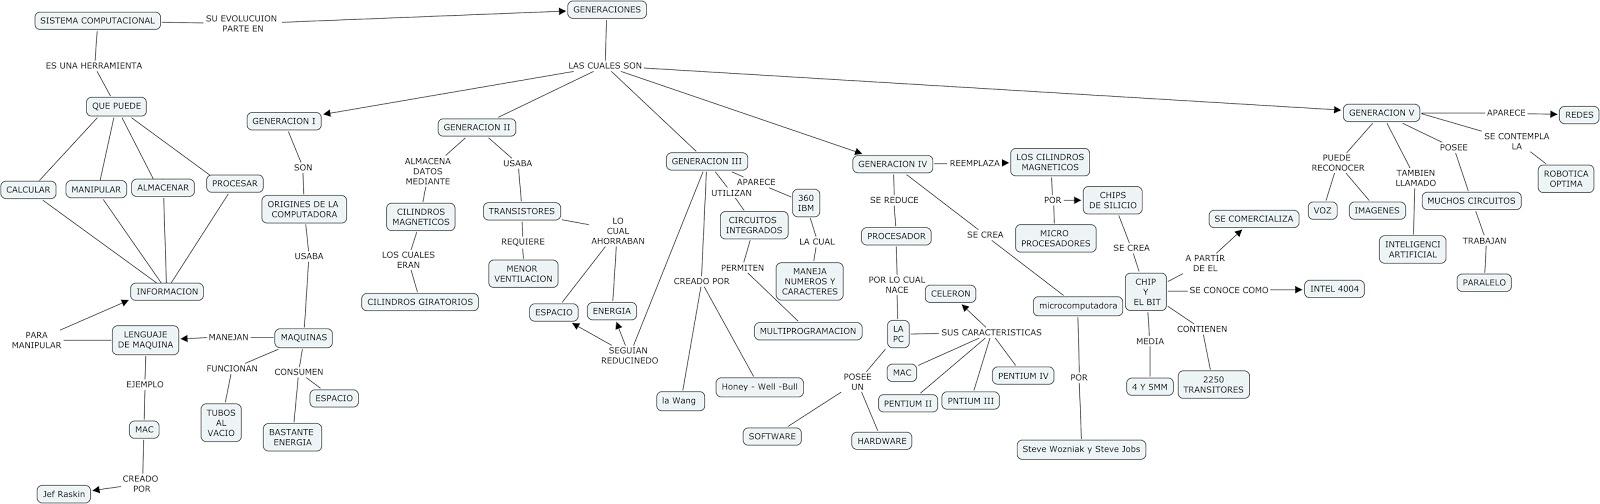 Arquitectura de hardware mapa conceptual de la historia for Arquitectura hardware